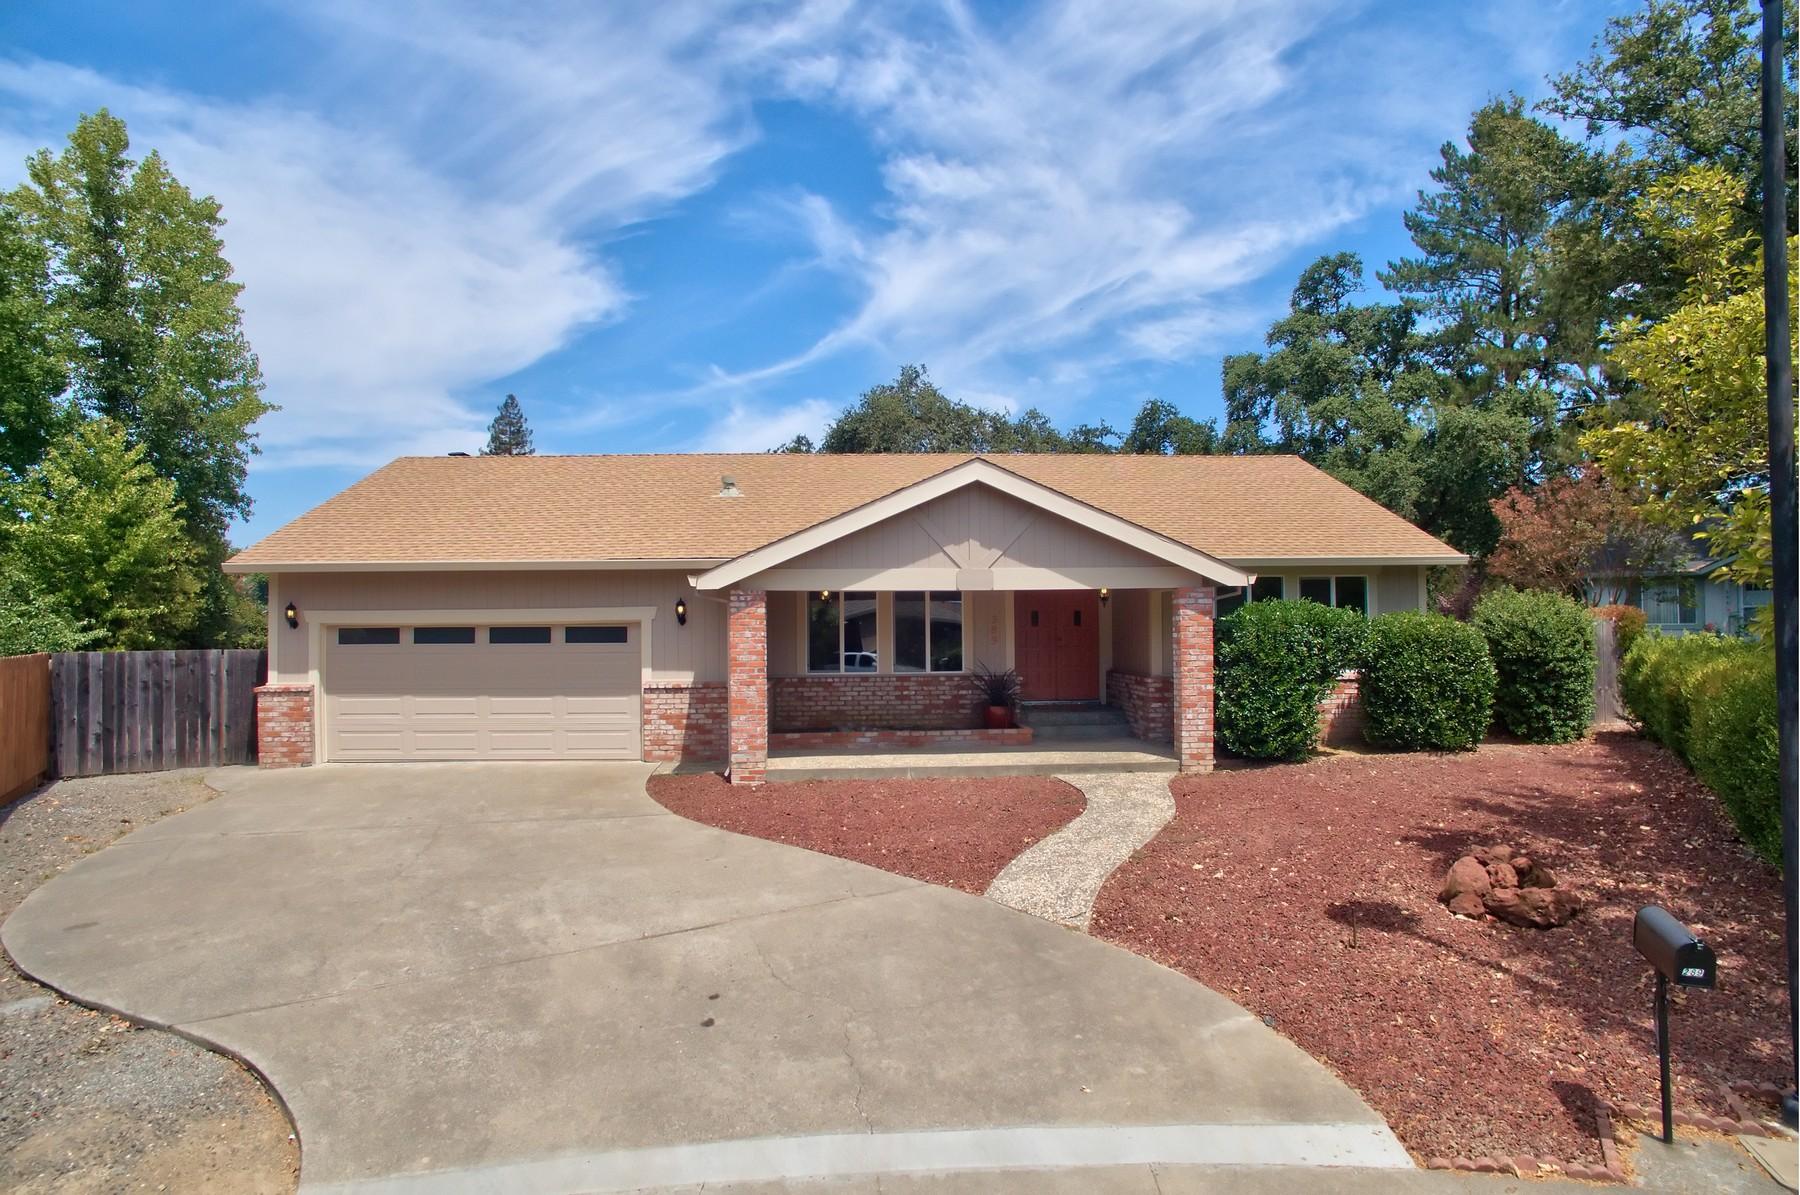 Maison unifamiliale pour l Vente à 289 Alexandria Court Healdsburg, Californie 95448 États-Unis